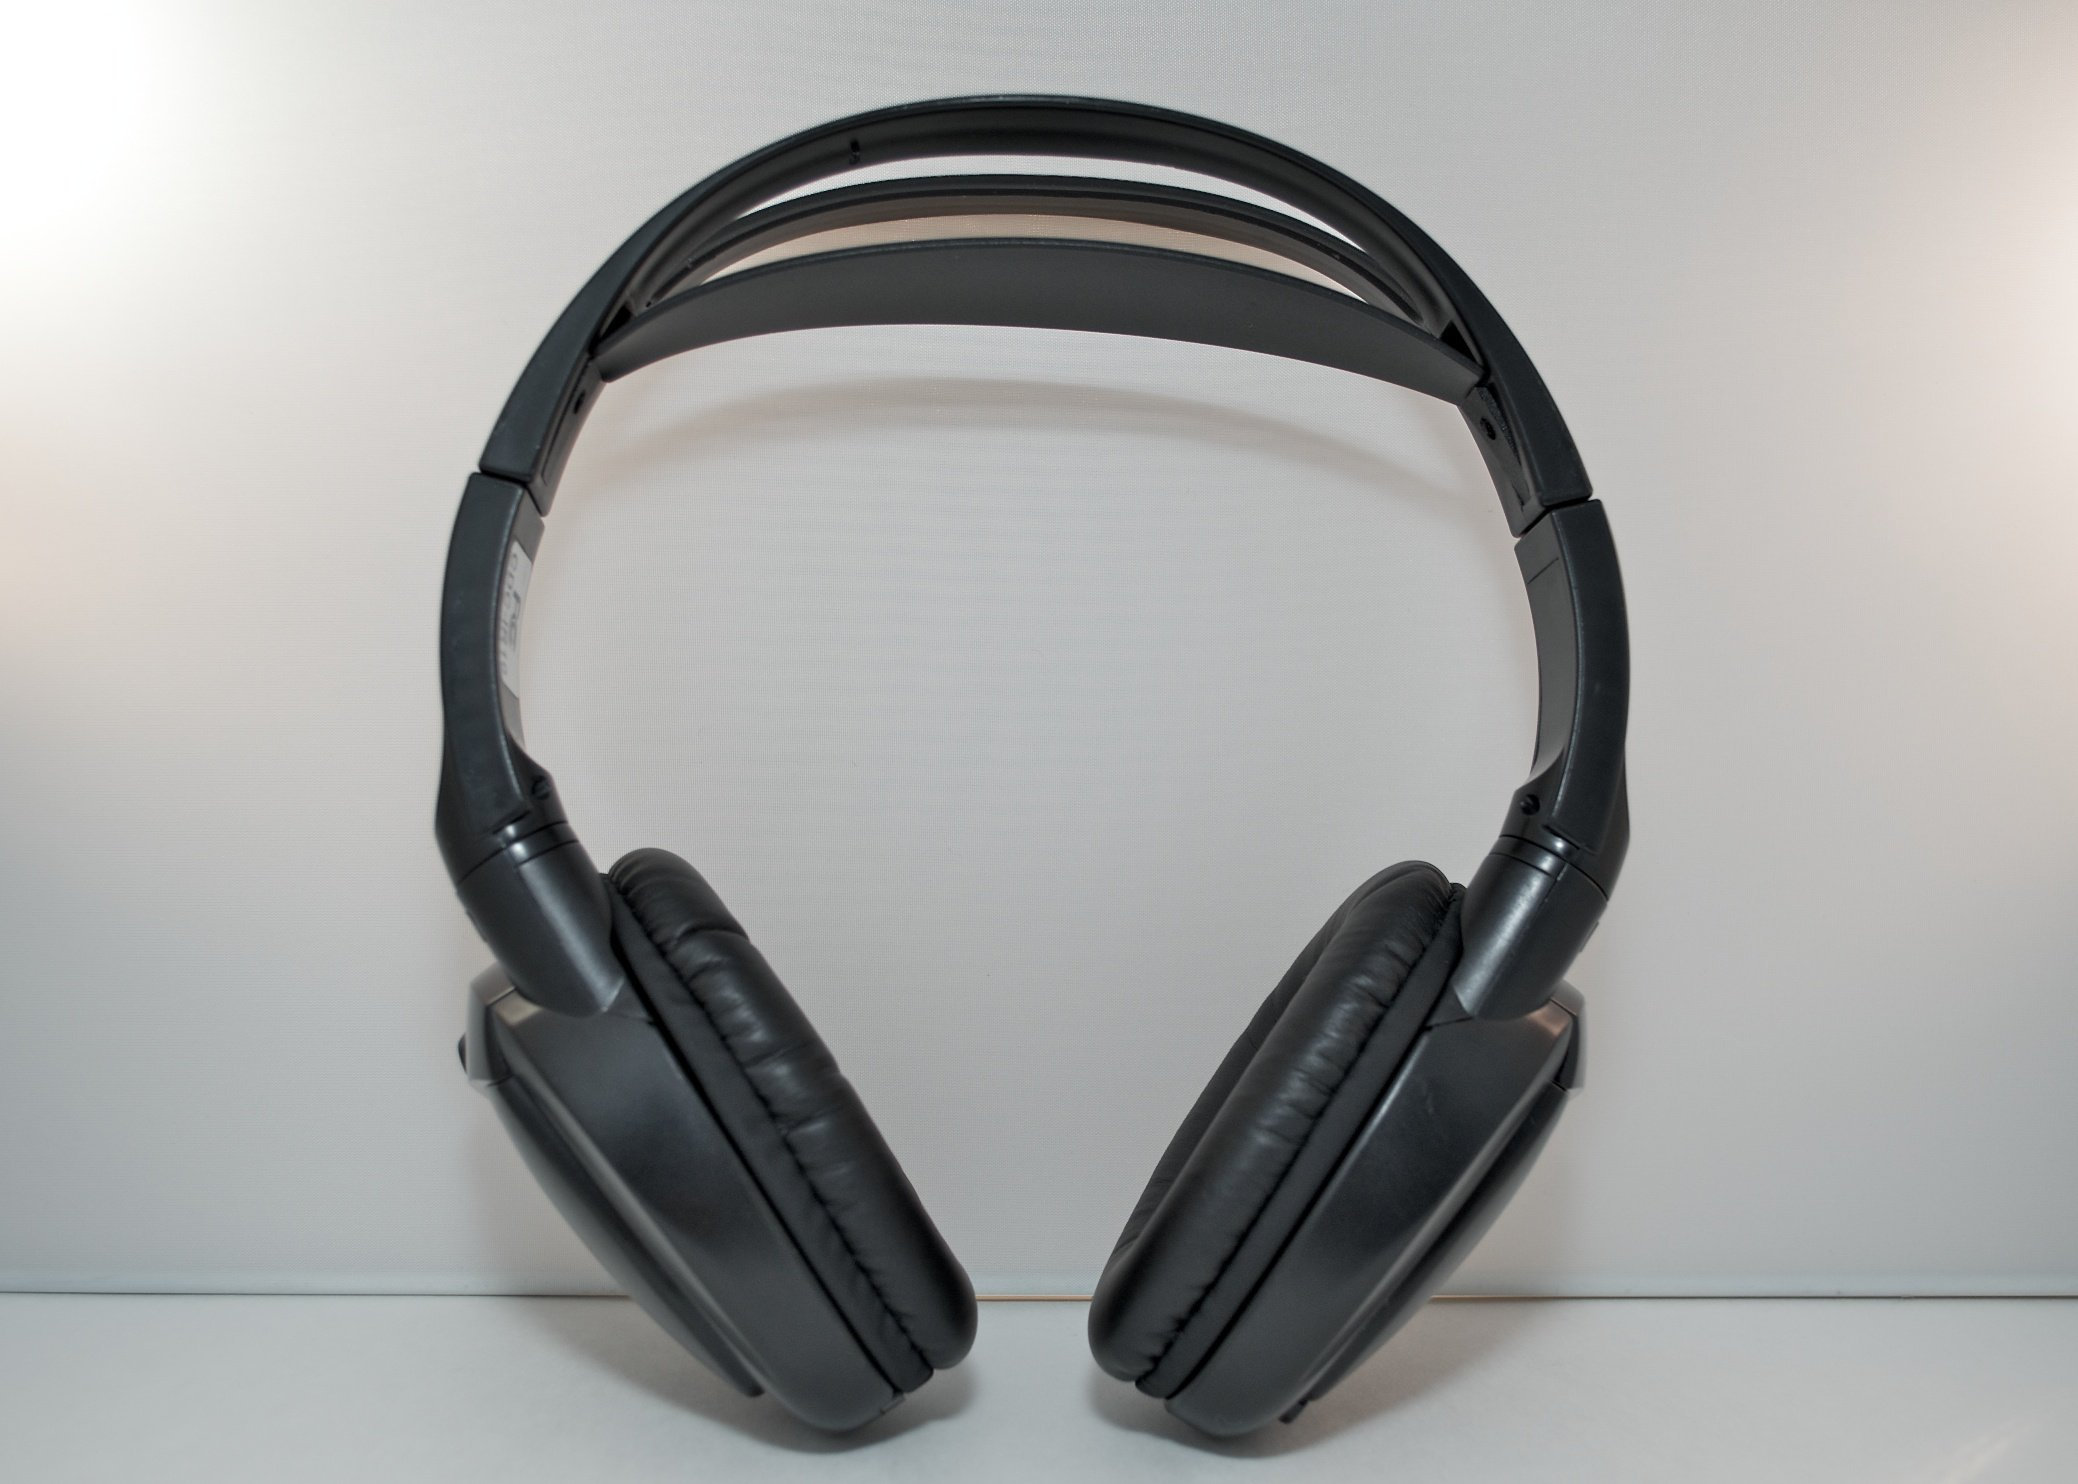 Honda CR-V Wireless DVD Headphones (Black, 1 Headset)